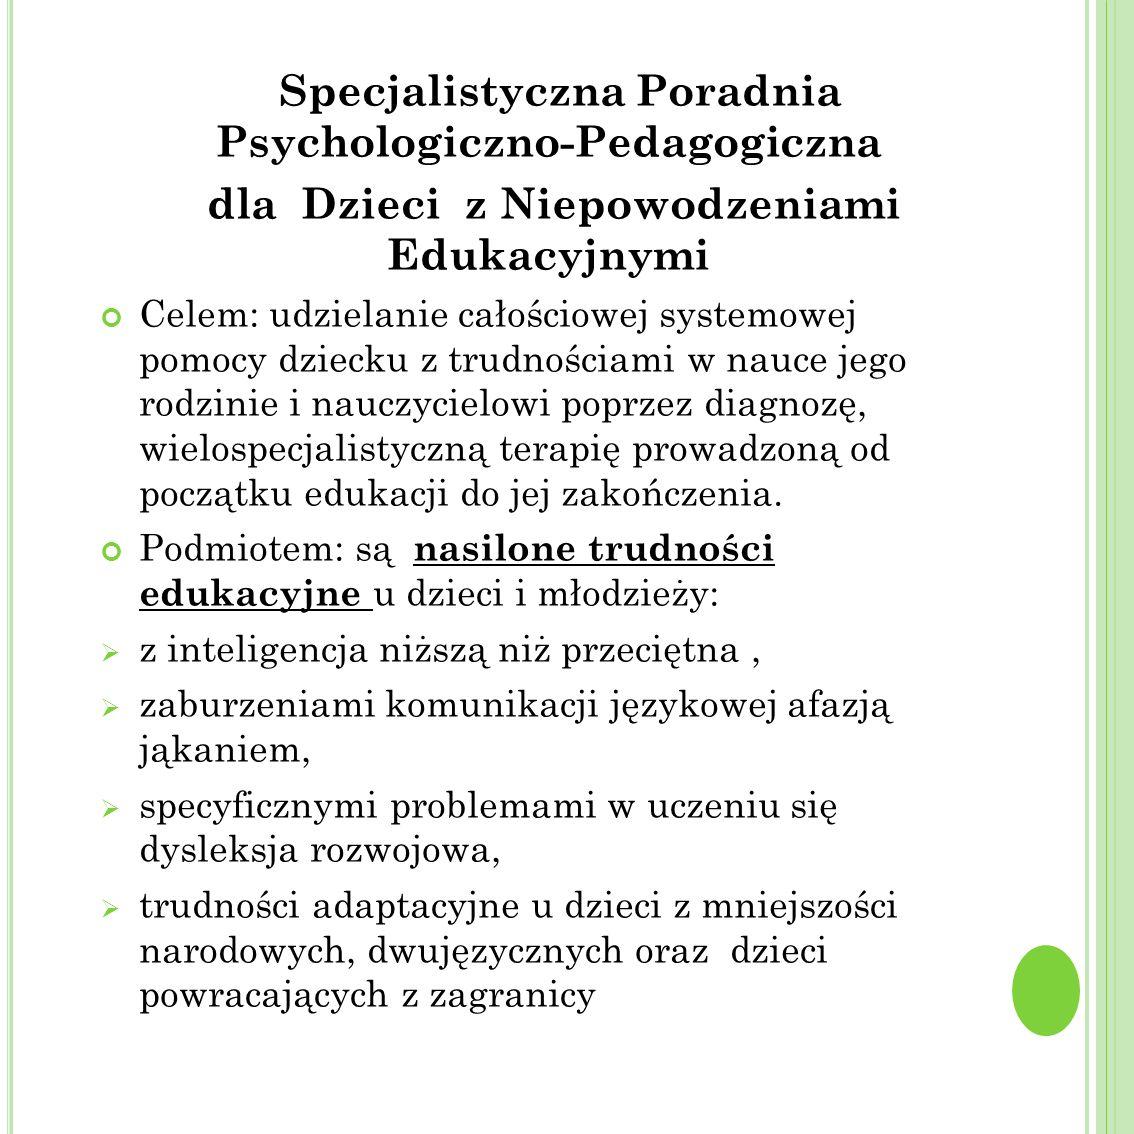 Specjalistyczna Poradnia Psychologiczno-Pedagogiczna